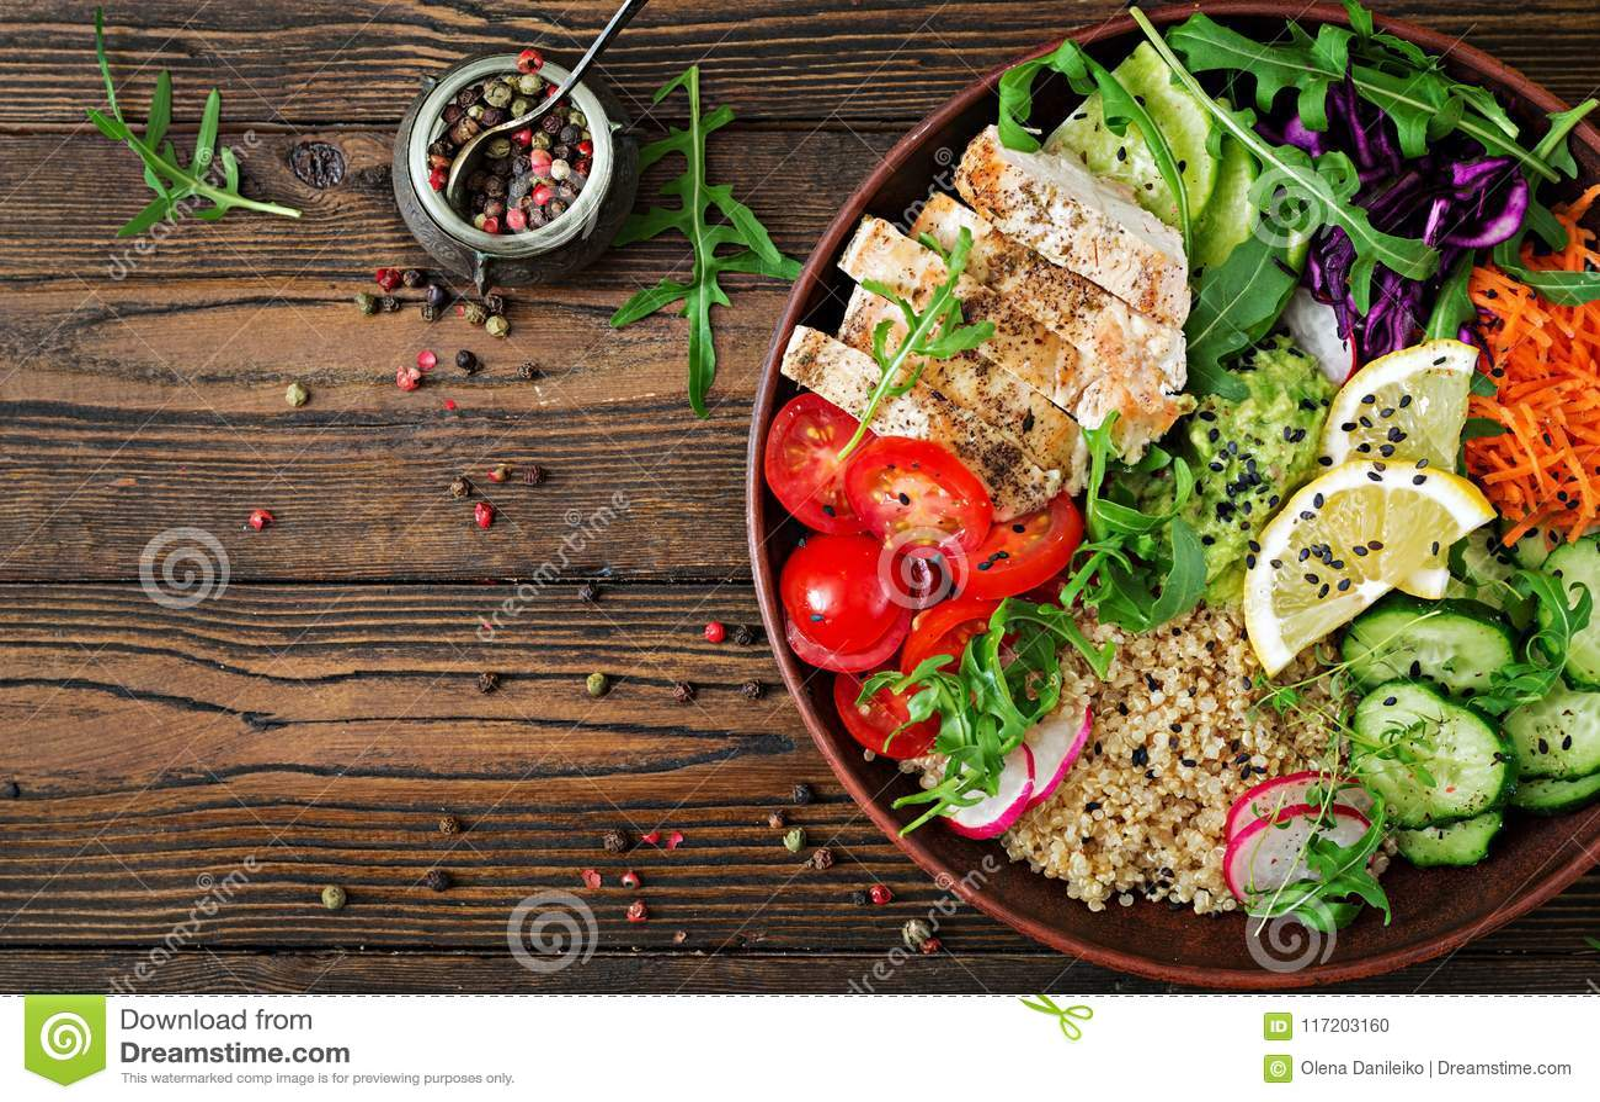 Pranzo della ciotola di Buddha con il pollo arrostito e la quinoa, pomodoro, guacamole